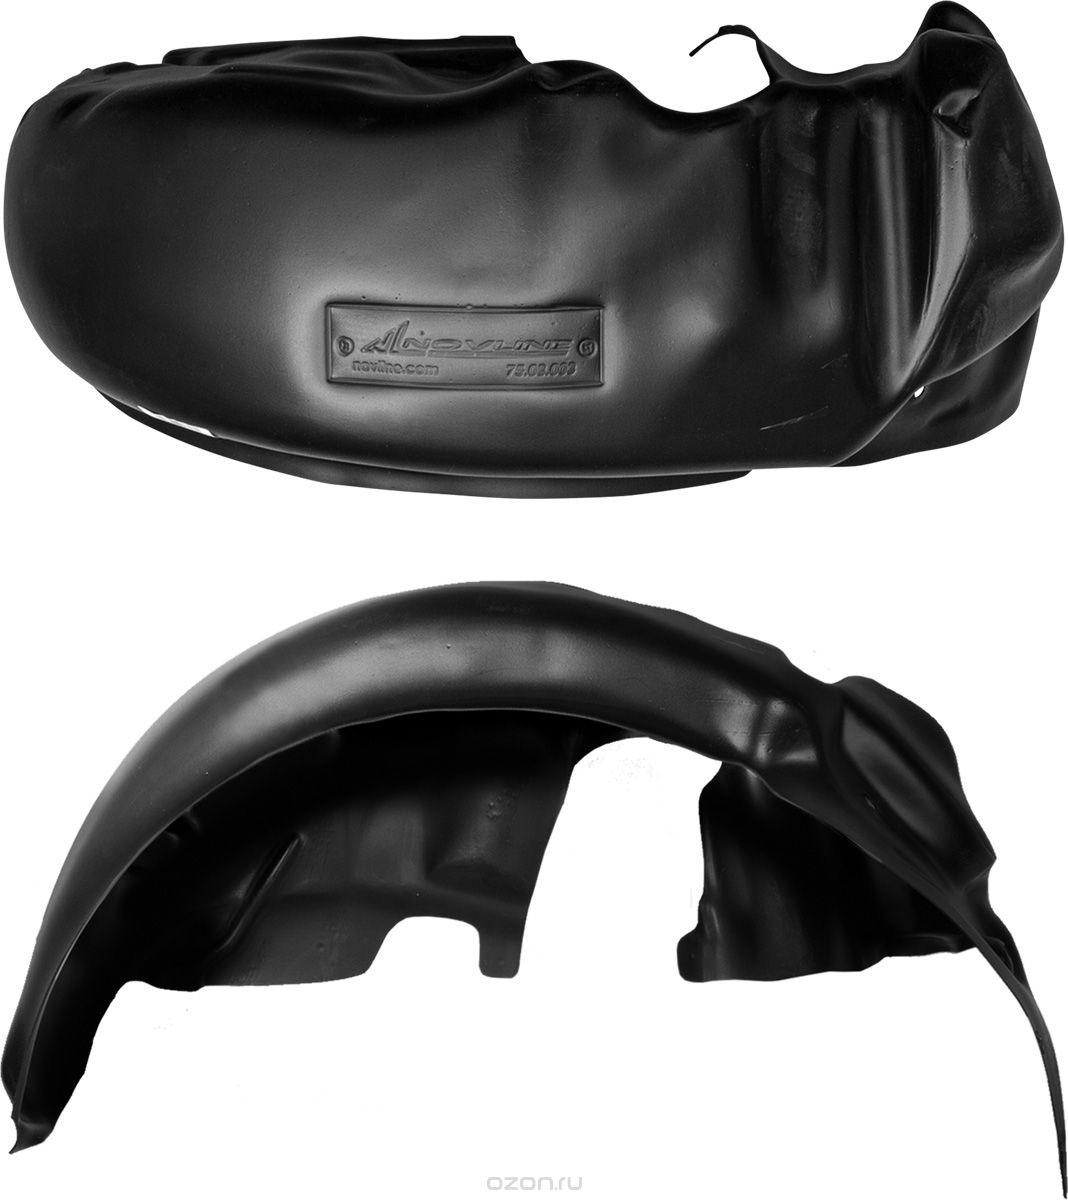 Подкрылок Novline-Autofamily, для SKODA Octavia, 2013->, Седан, задний левый09066Идеальная защита колесной ниши. Локеры разработаны с применением цифровых технологий, гарантируют максимальную повторяемость поверхности арки. Изделия устанавливаются без нарушения лакокрасочного покрытия автомобиля, каждый подкрылок комплектуется крепежом. Уважаемые клиенты, обращаем ваше внимание, что фотографии на подкрылки универсальные и не отражают реальную форму изделия. При этом само изделие идет точно под размер указанного автомобиля.